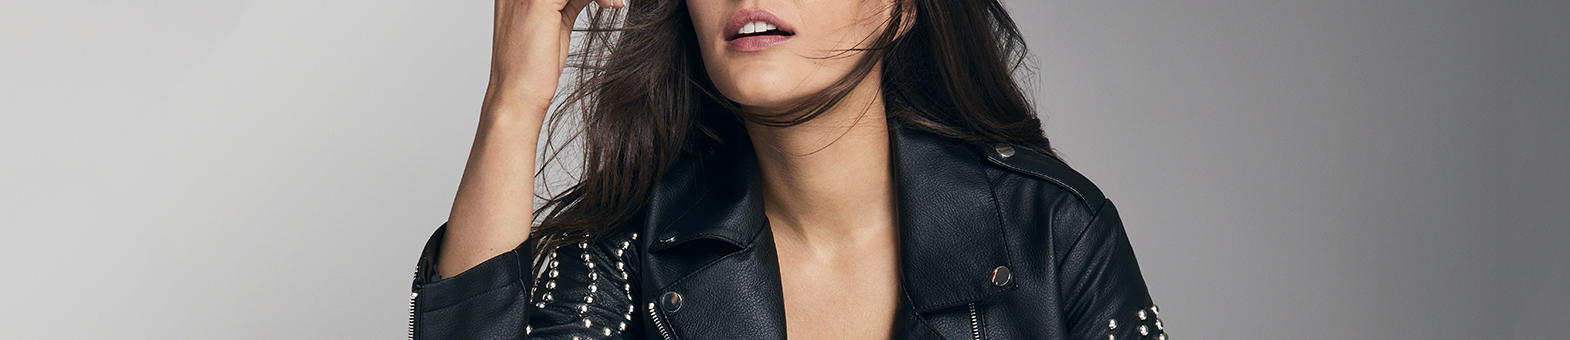 Jackets on sale - Fiorella Rubino